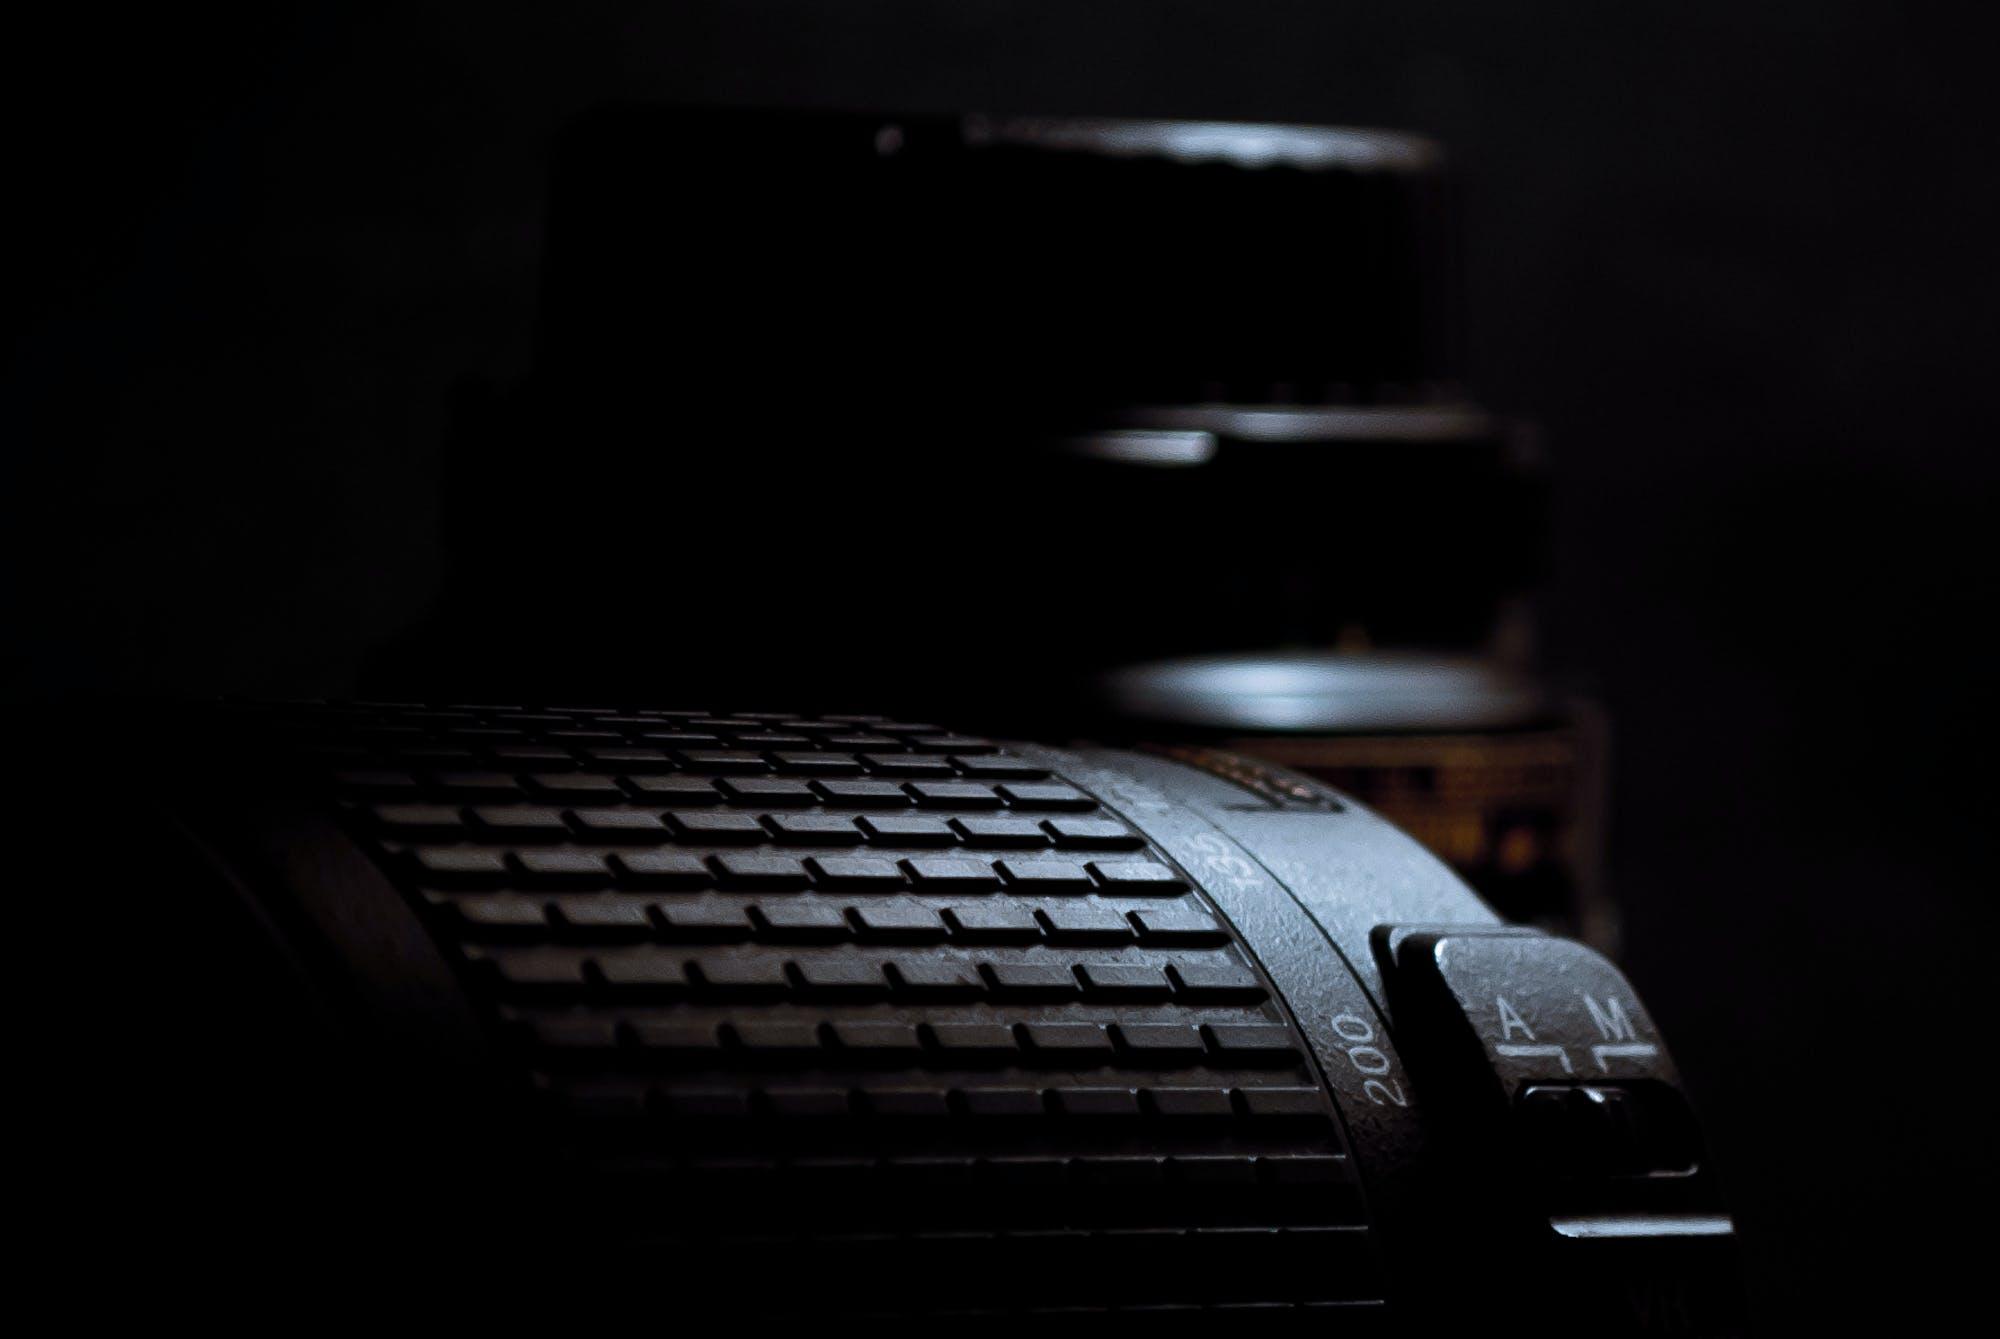 Analogue, blur, close-up